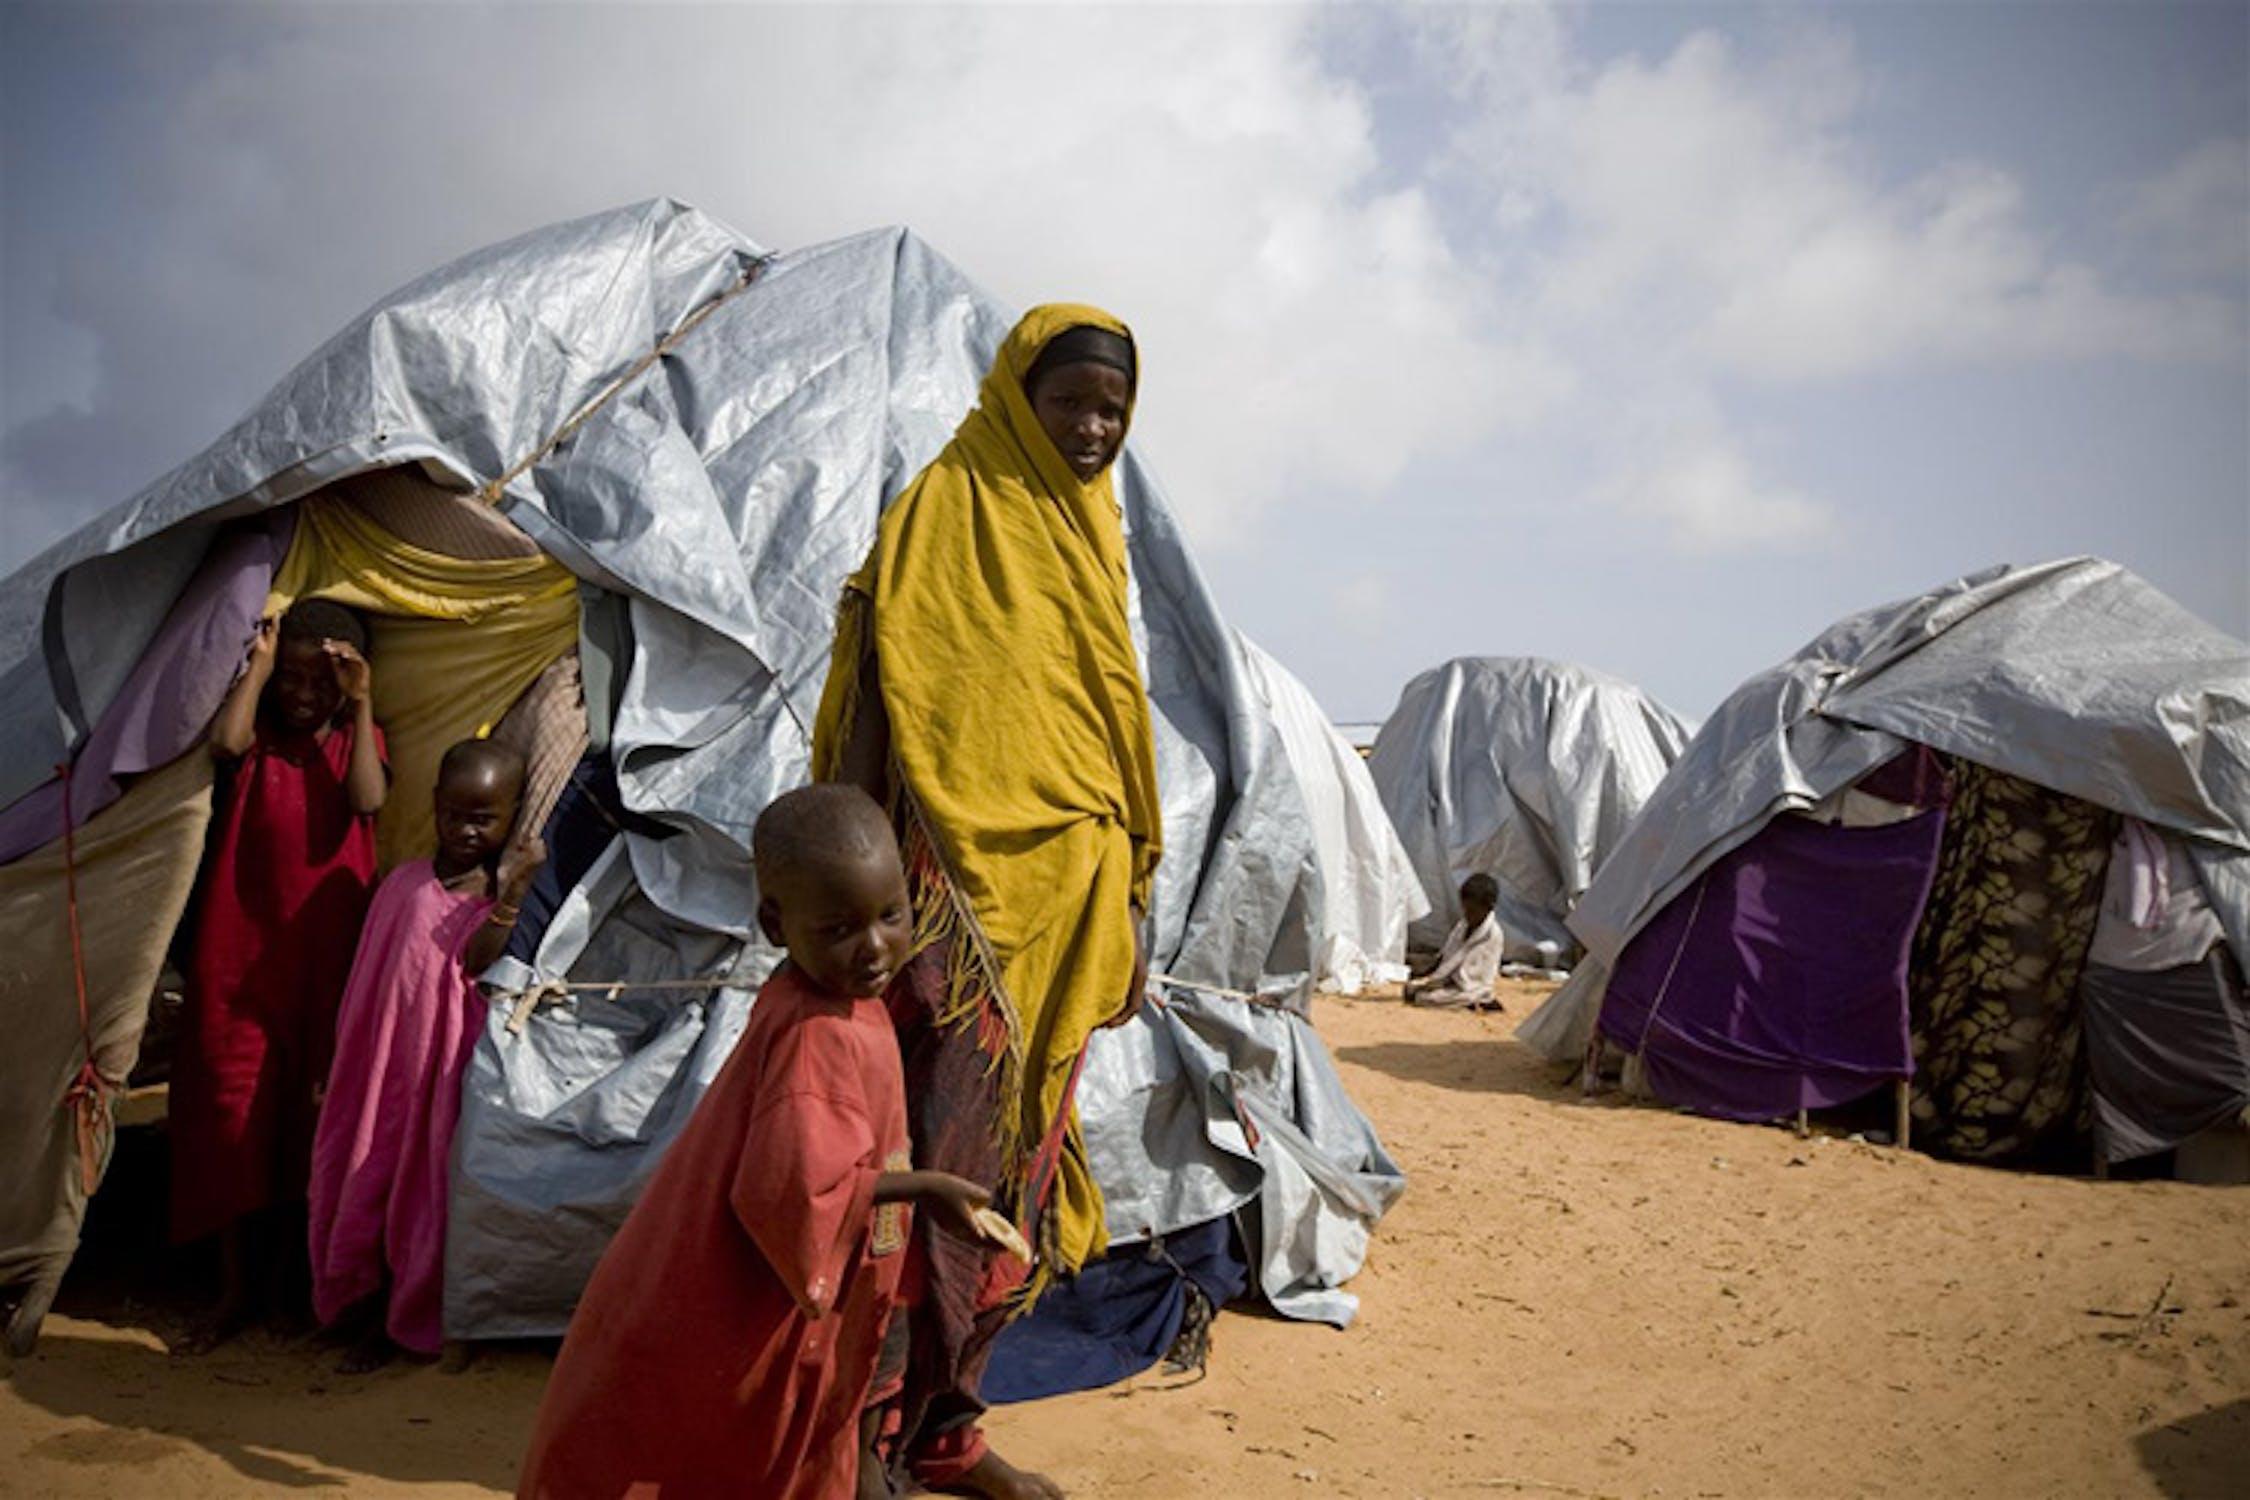 Una donna e i suoi figli accanto alla sua tenda nel campo per sfollati di Badbado, presso Mogadiscio (Somalia). In queste condizioni vivono circa 30.000 persone, in maggioranza donne e bambini - ©UNICEF/NYHQ2011-1185/K.Holt